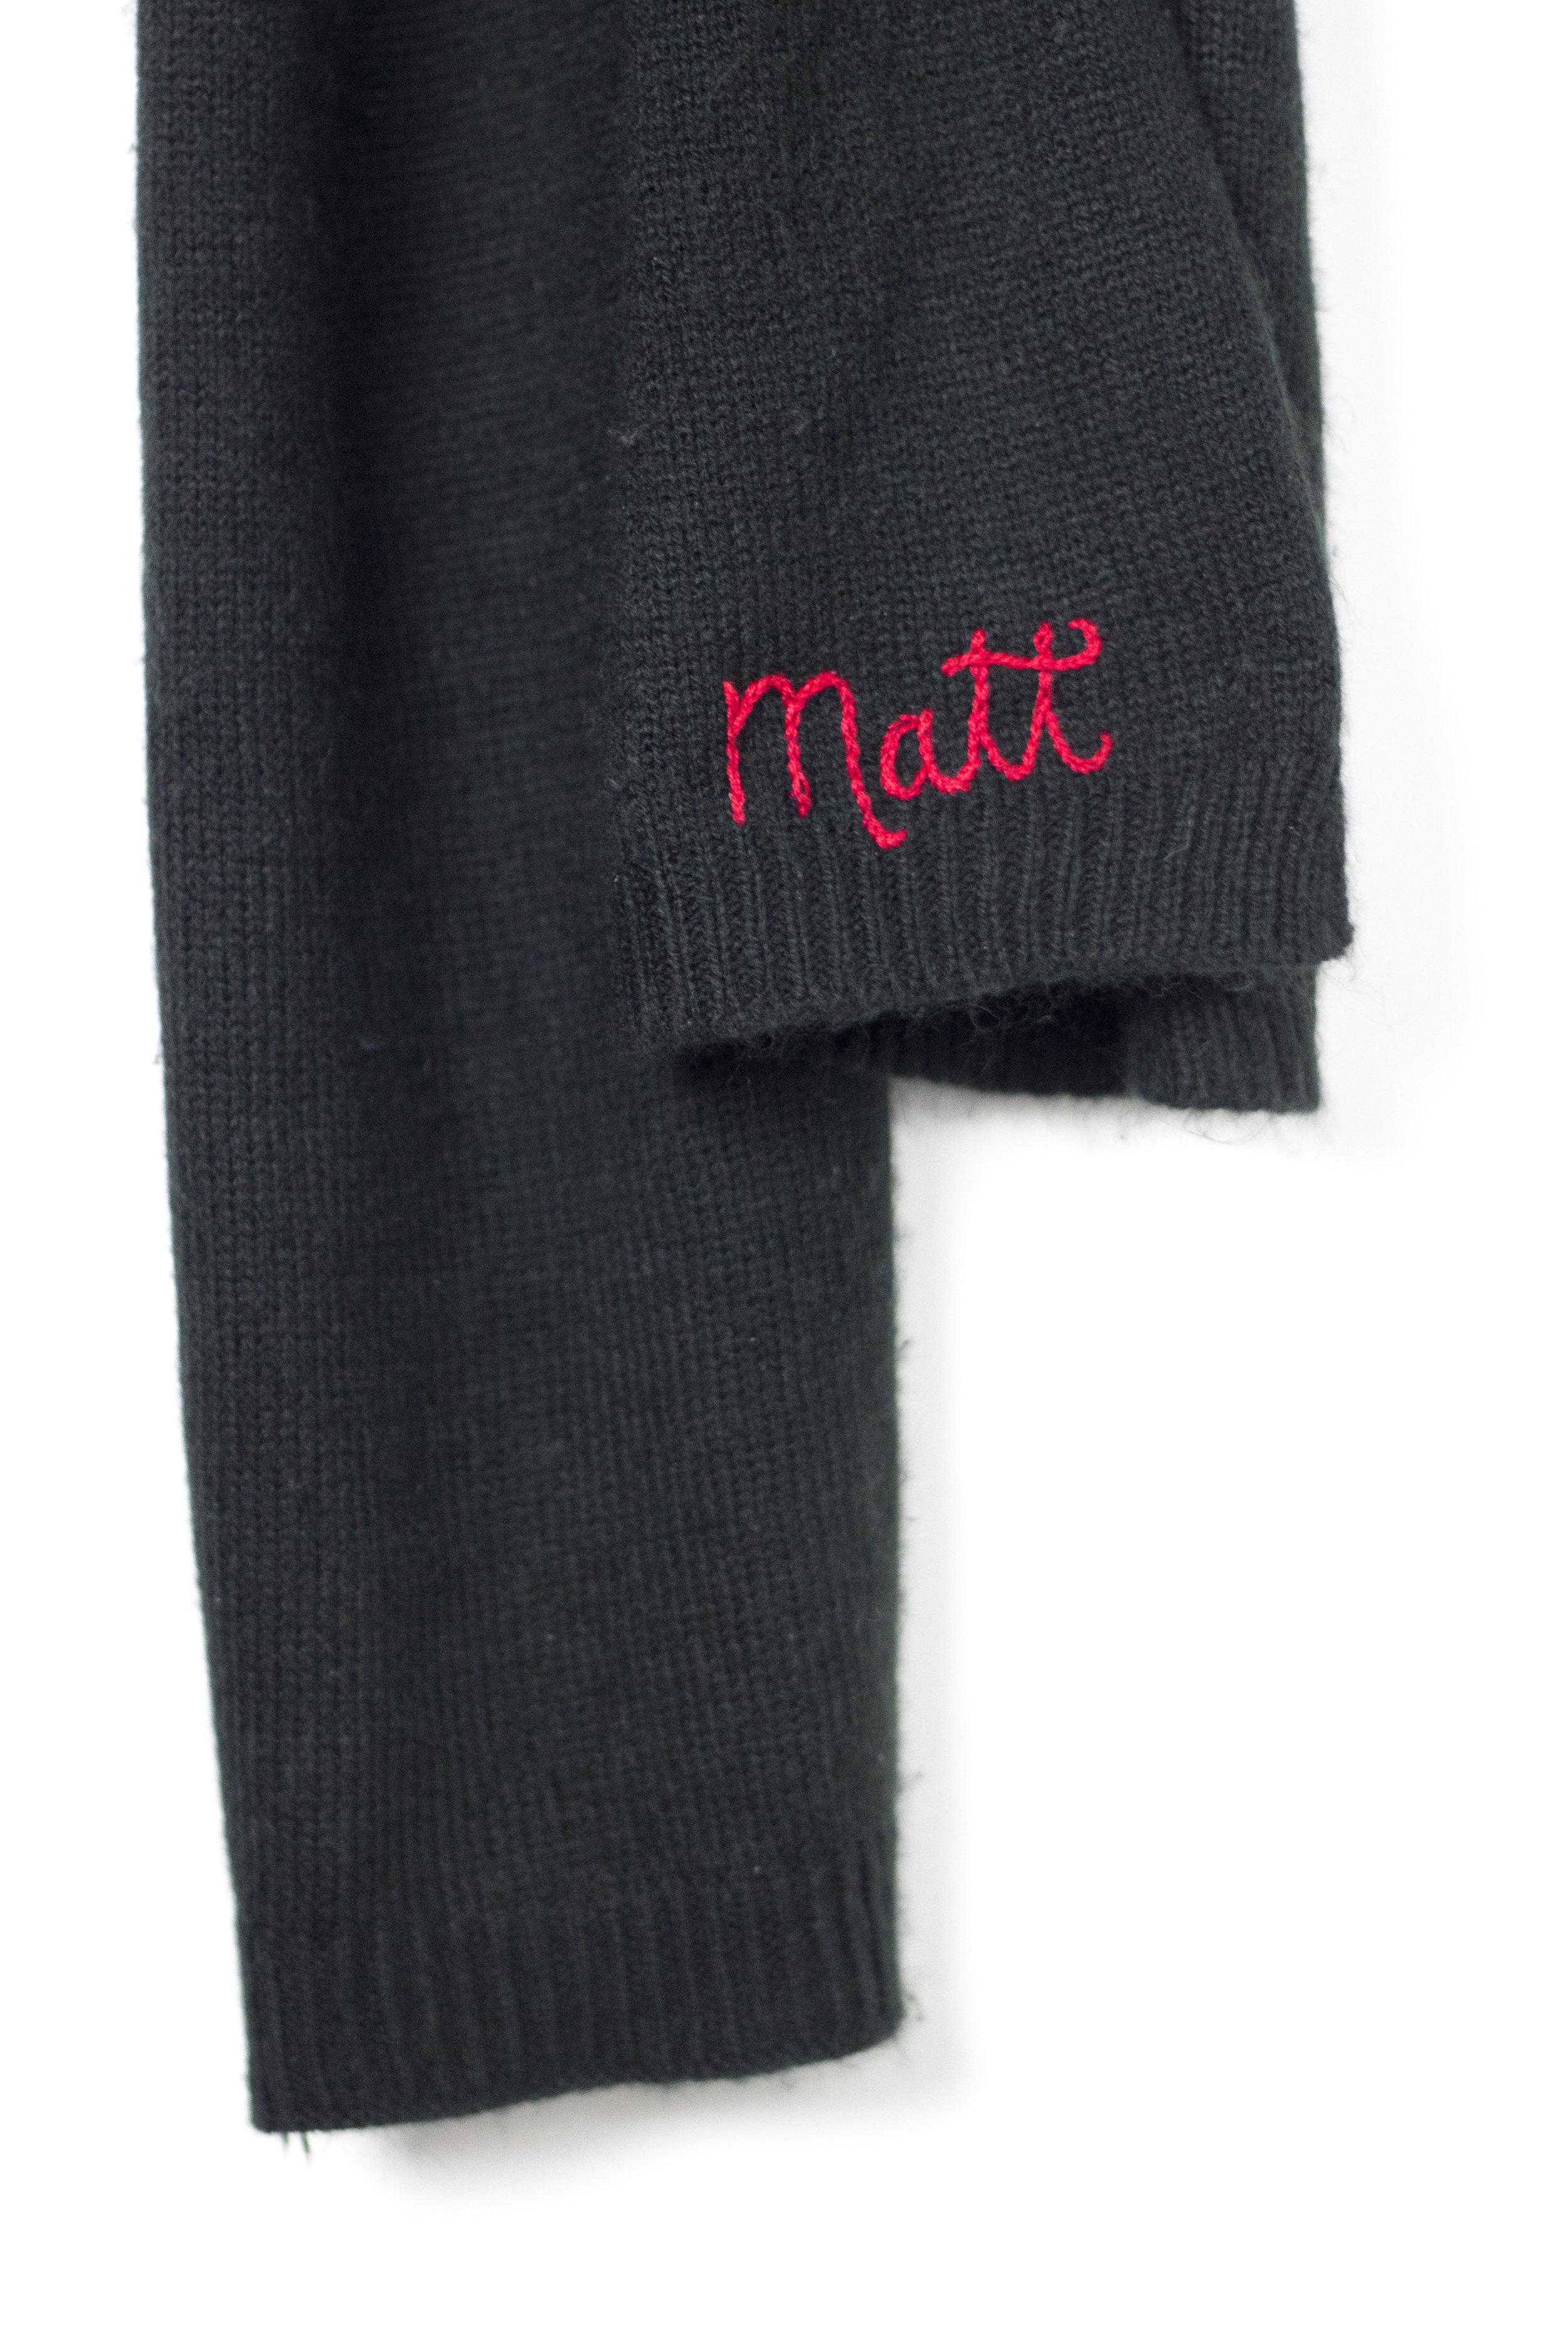 Matt_Detail.jpg